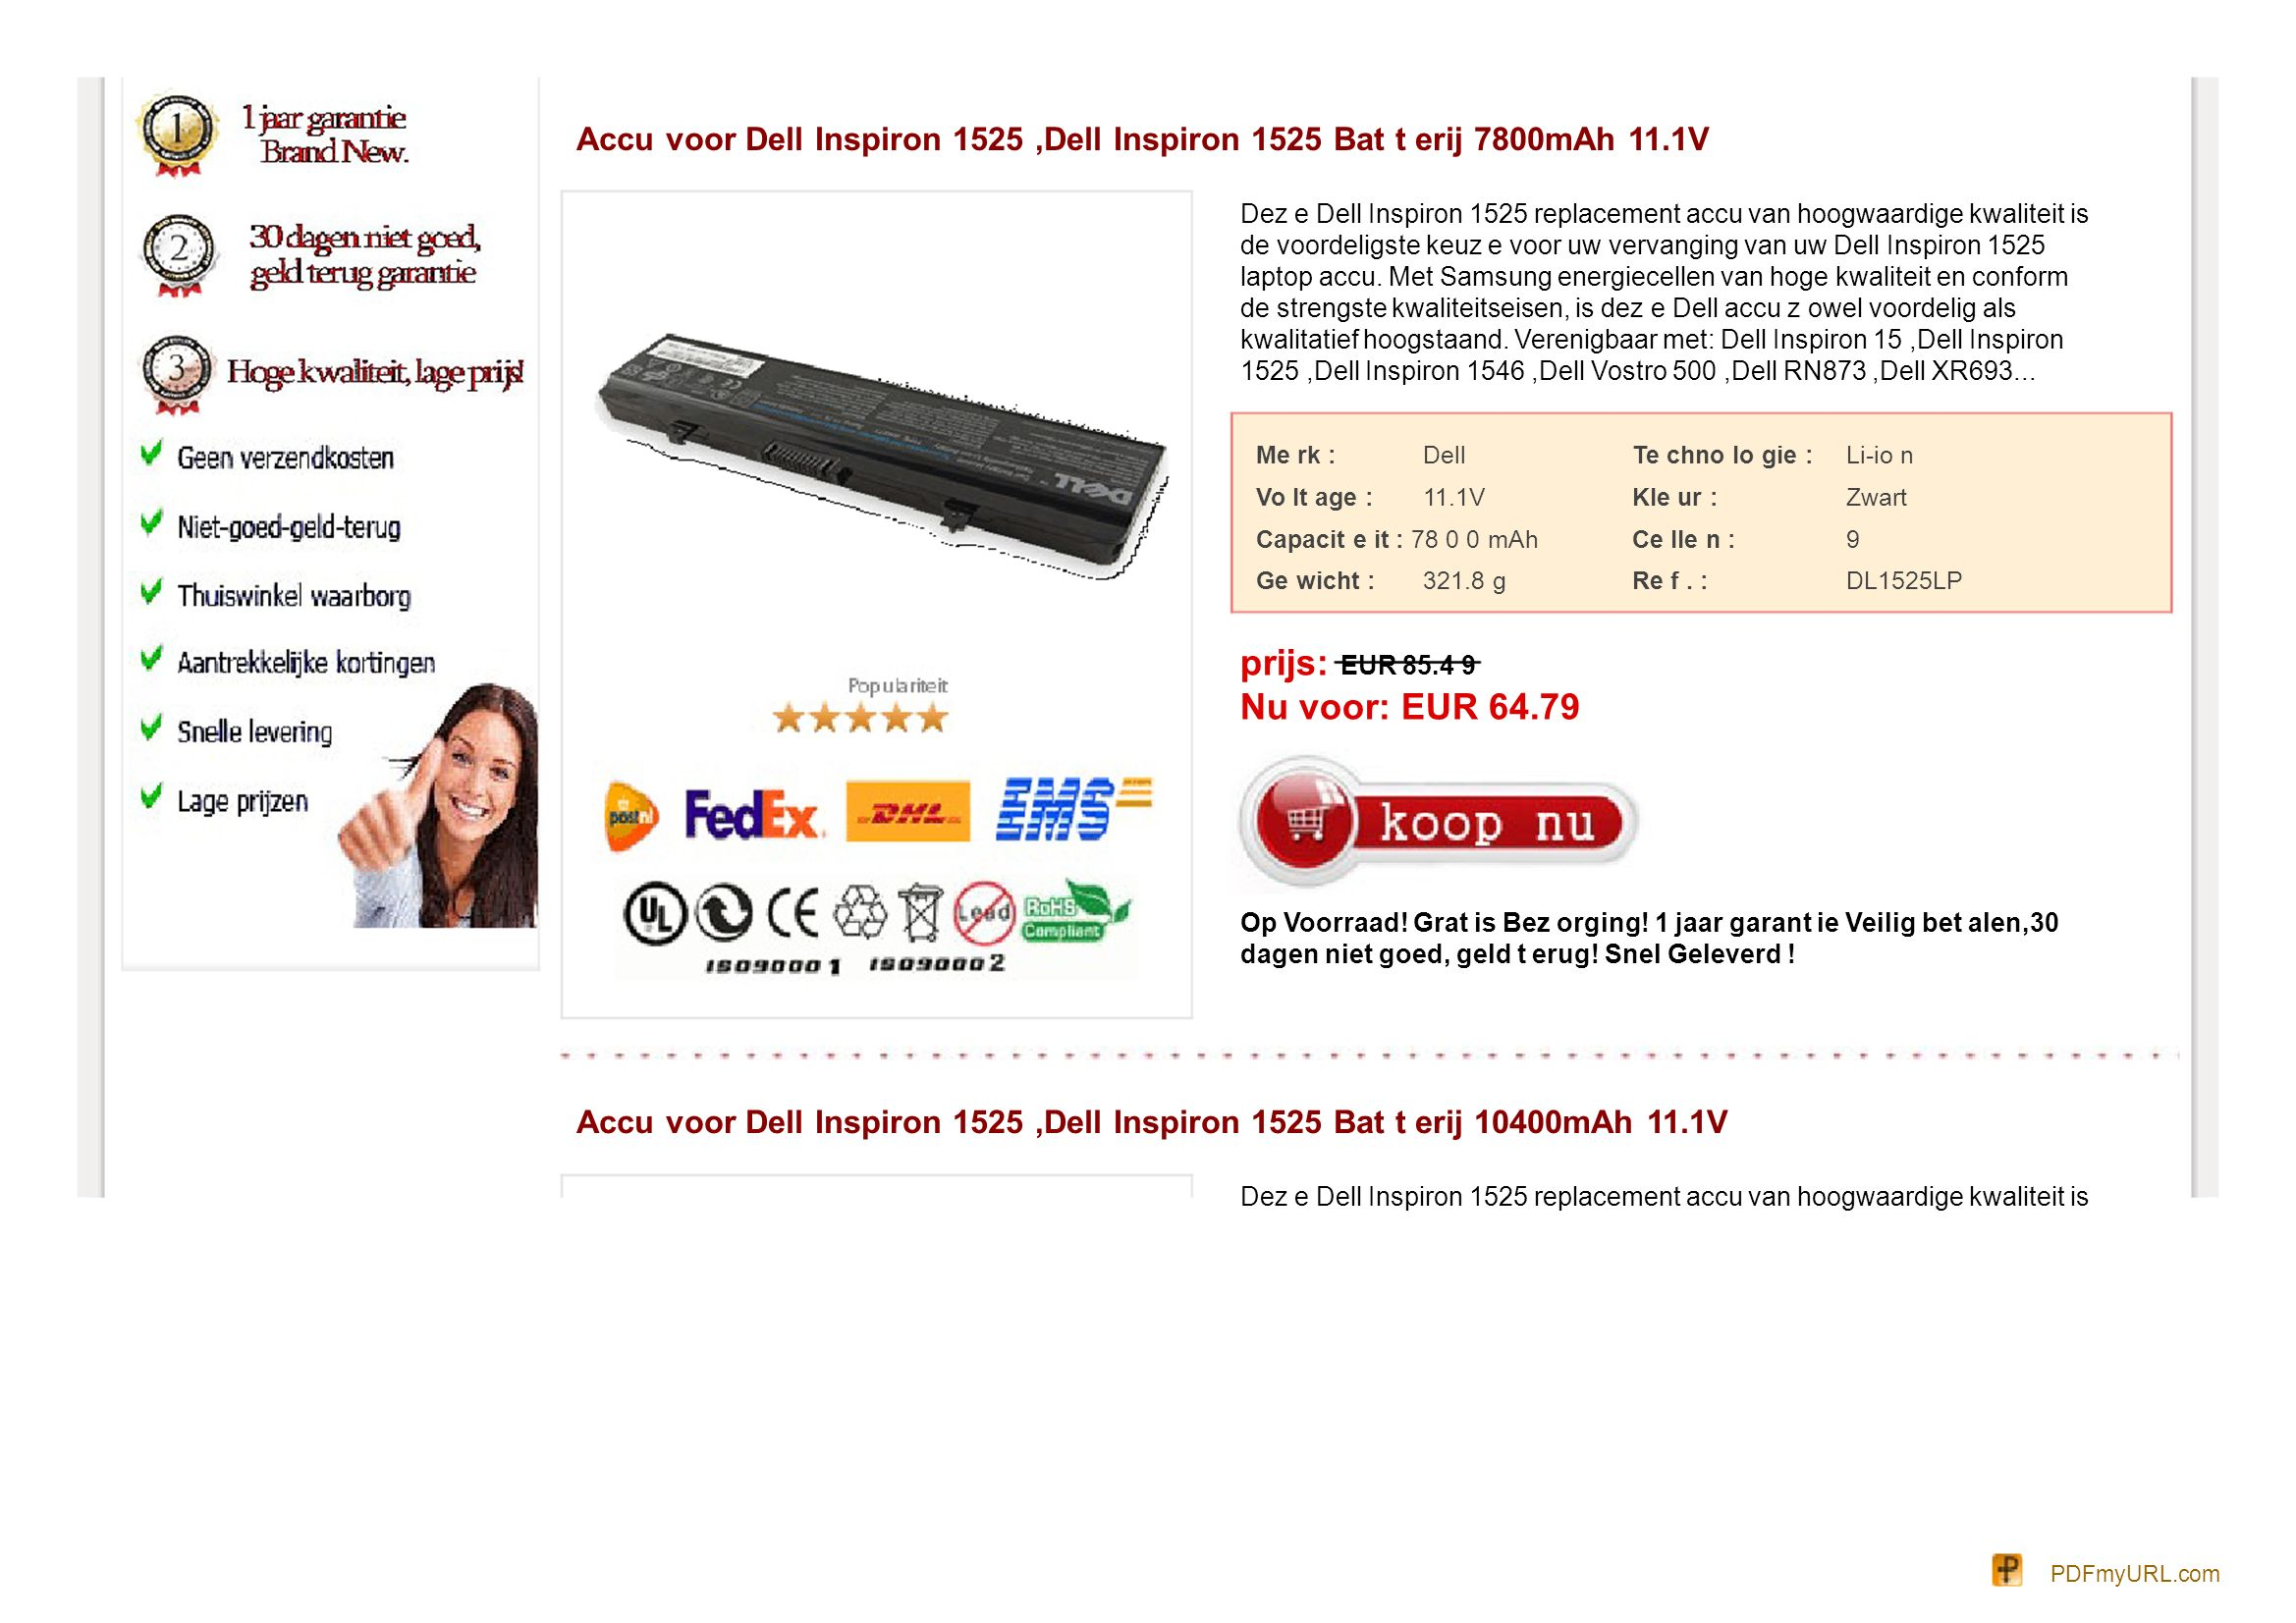 Accu voor Dell Inspiron 1525,Dell Inspiron 1525 Bat t erij 7800mAh 11.1V Dez e Dell Inspiron 1525 replacement accu van hoogwaardige kwaliteit is de vo